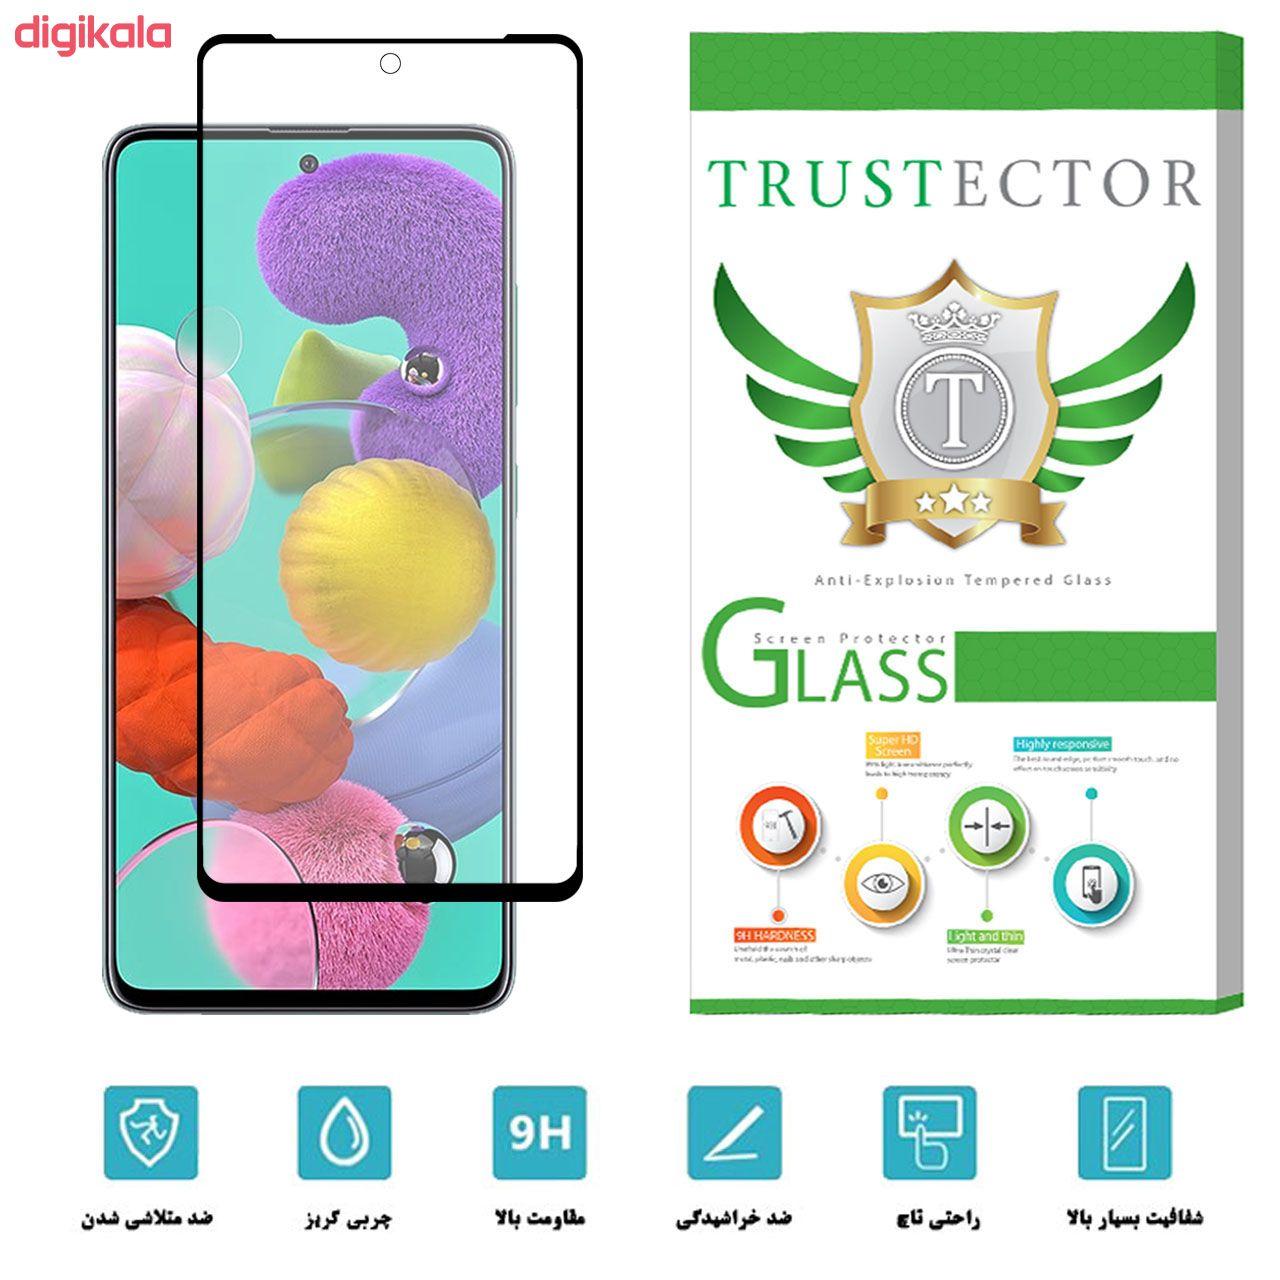 محافظ صفحه نمایش سرامیکی تراستکتور مدل CMT مناسب برای گوشی موبایل سامسونگ Galaxy A51 main 1 2